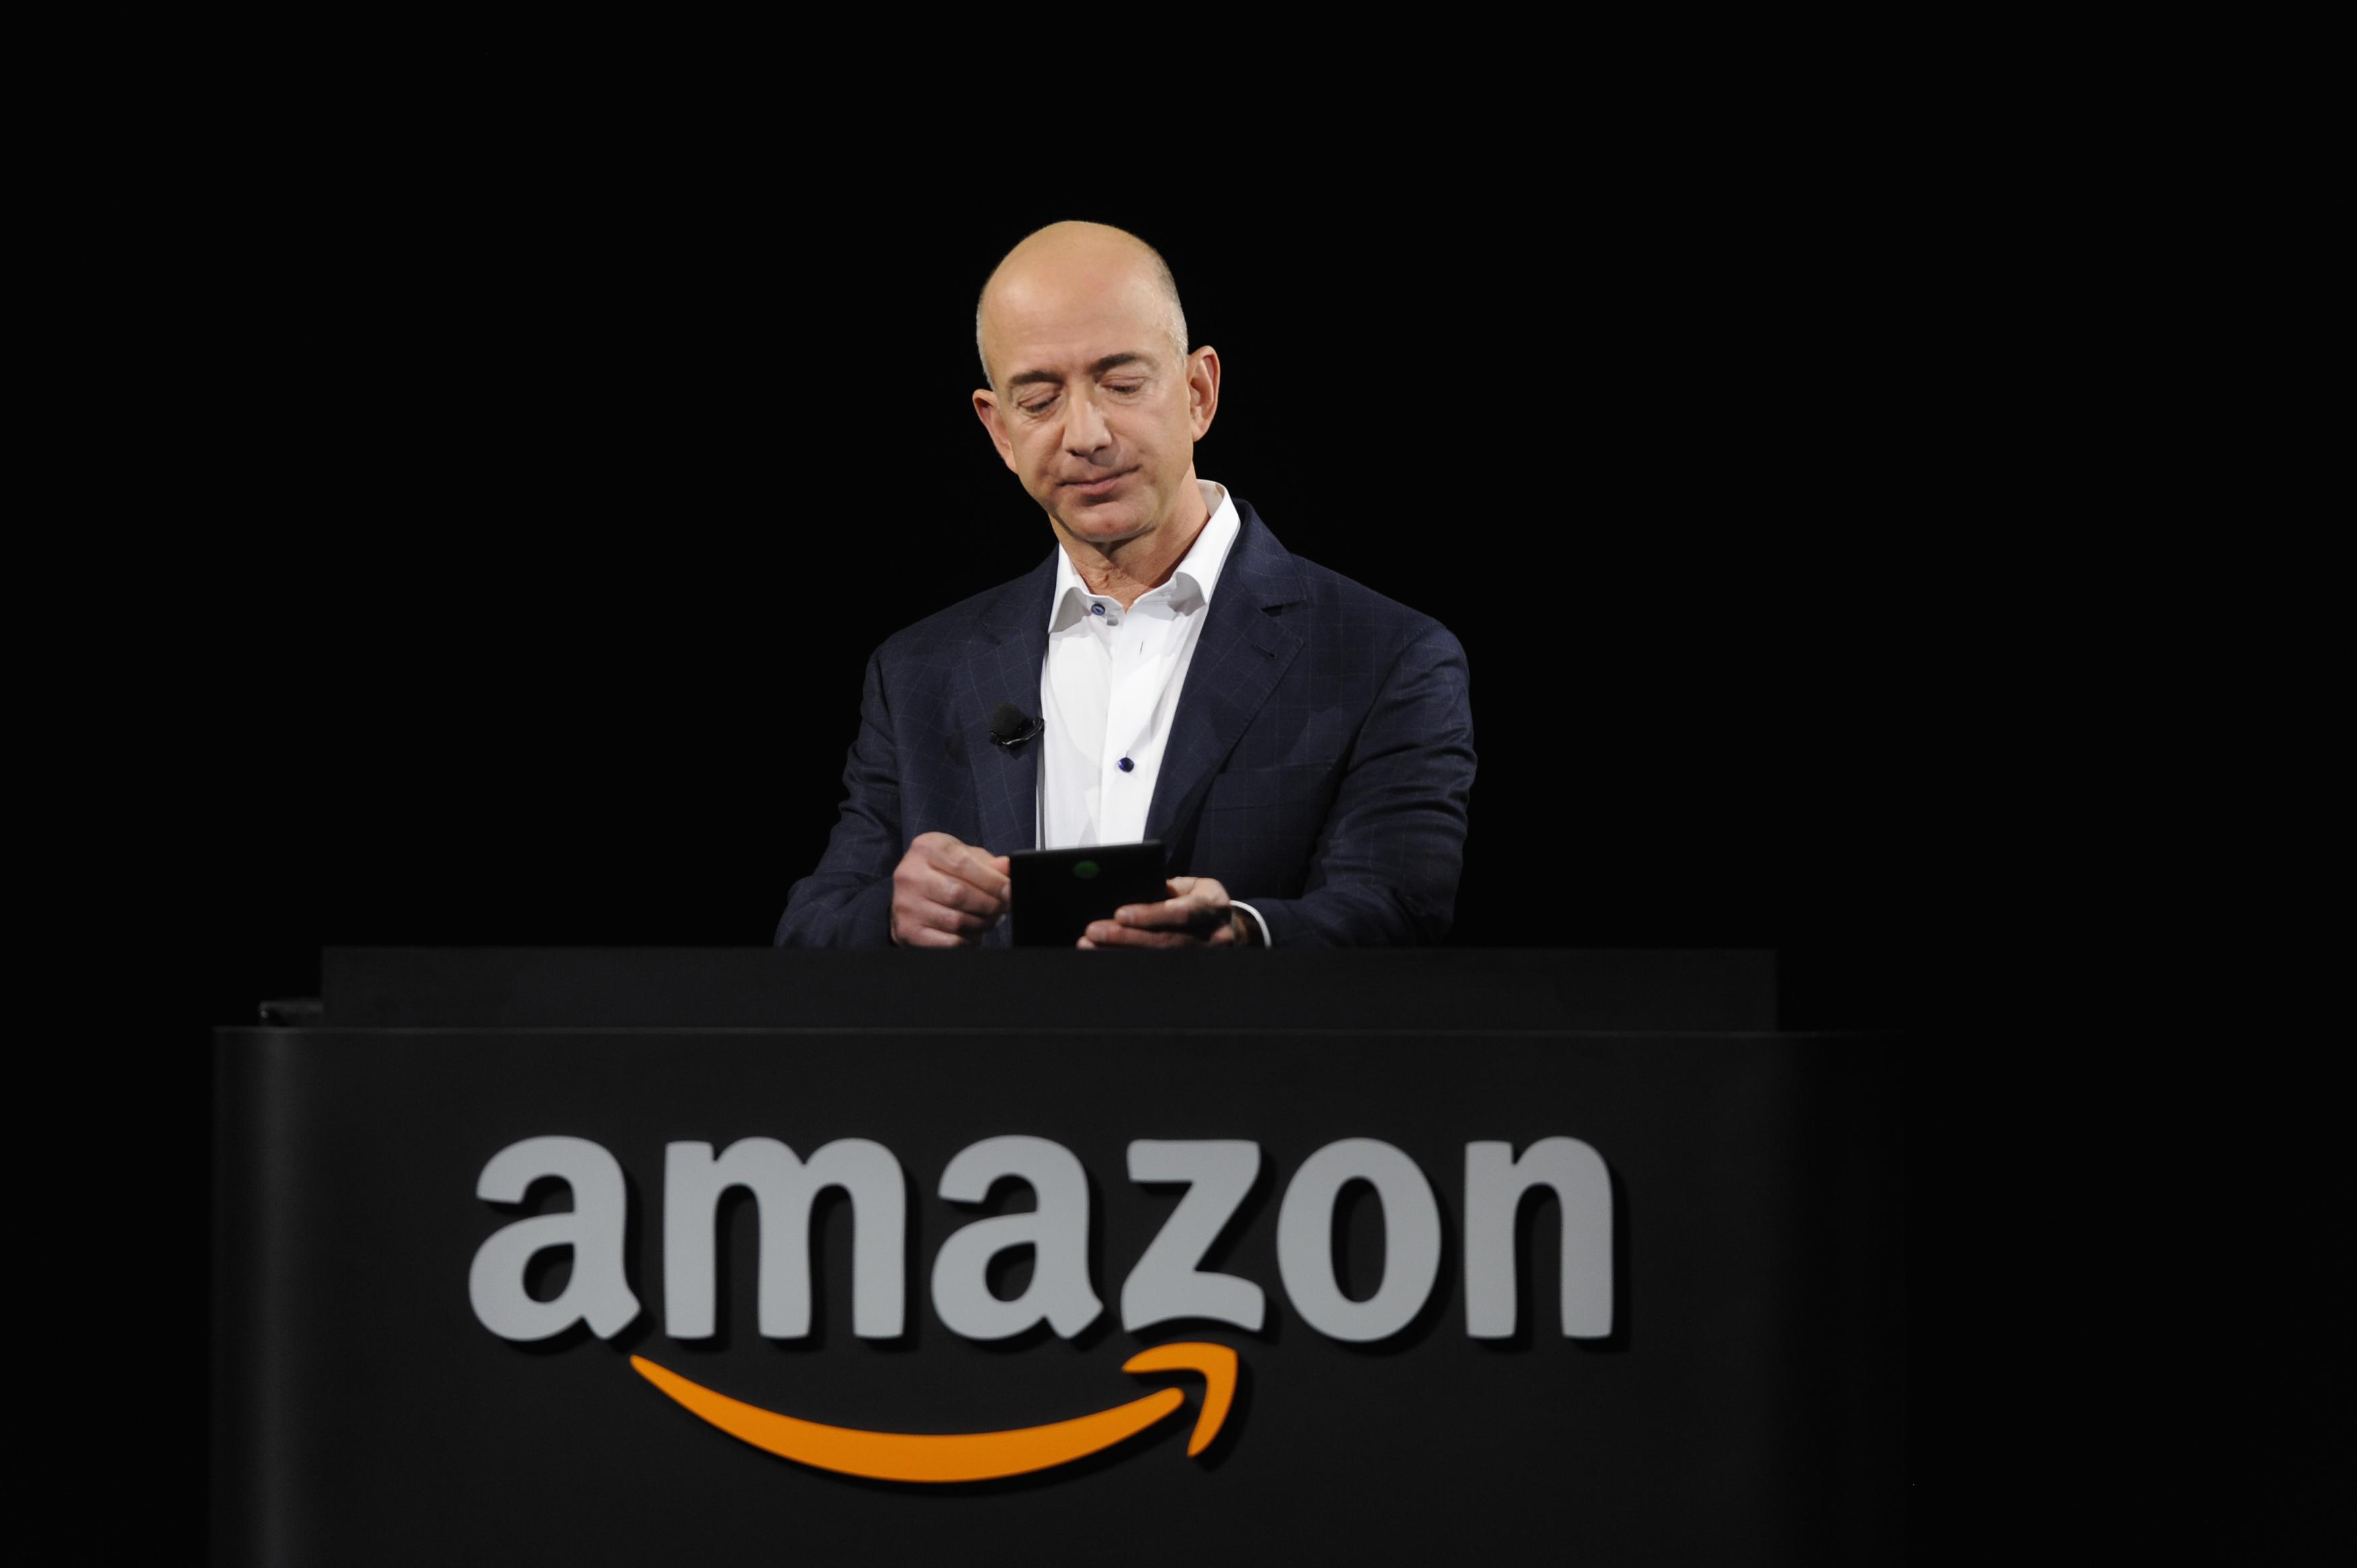 Saudi Arabia bác bỏ tuyên bố cho rằng họ tấn công điện thoại của ông Jeff Bezos – chủ tịch công ty Amazon